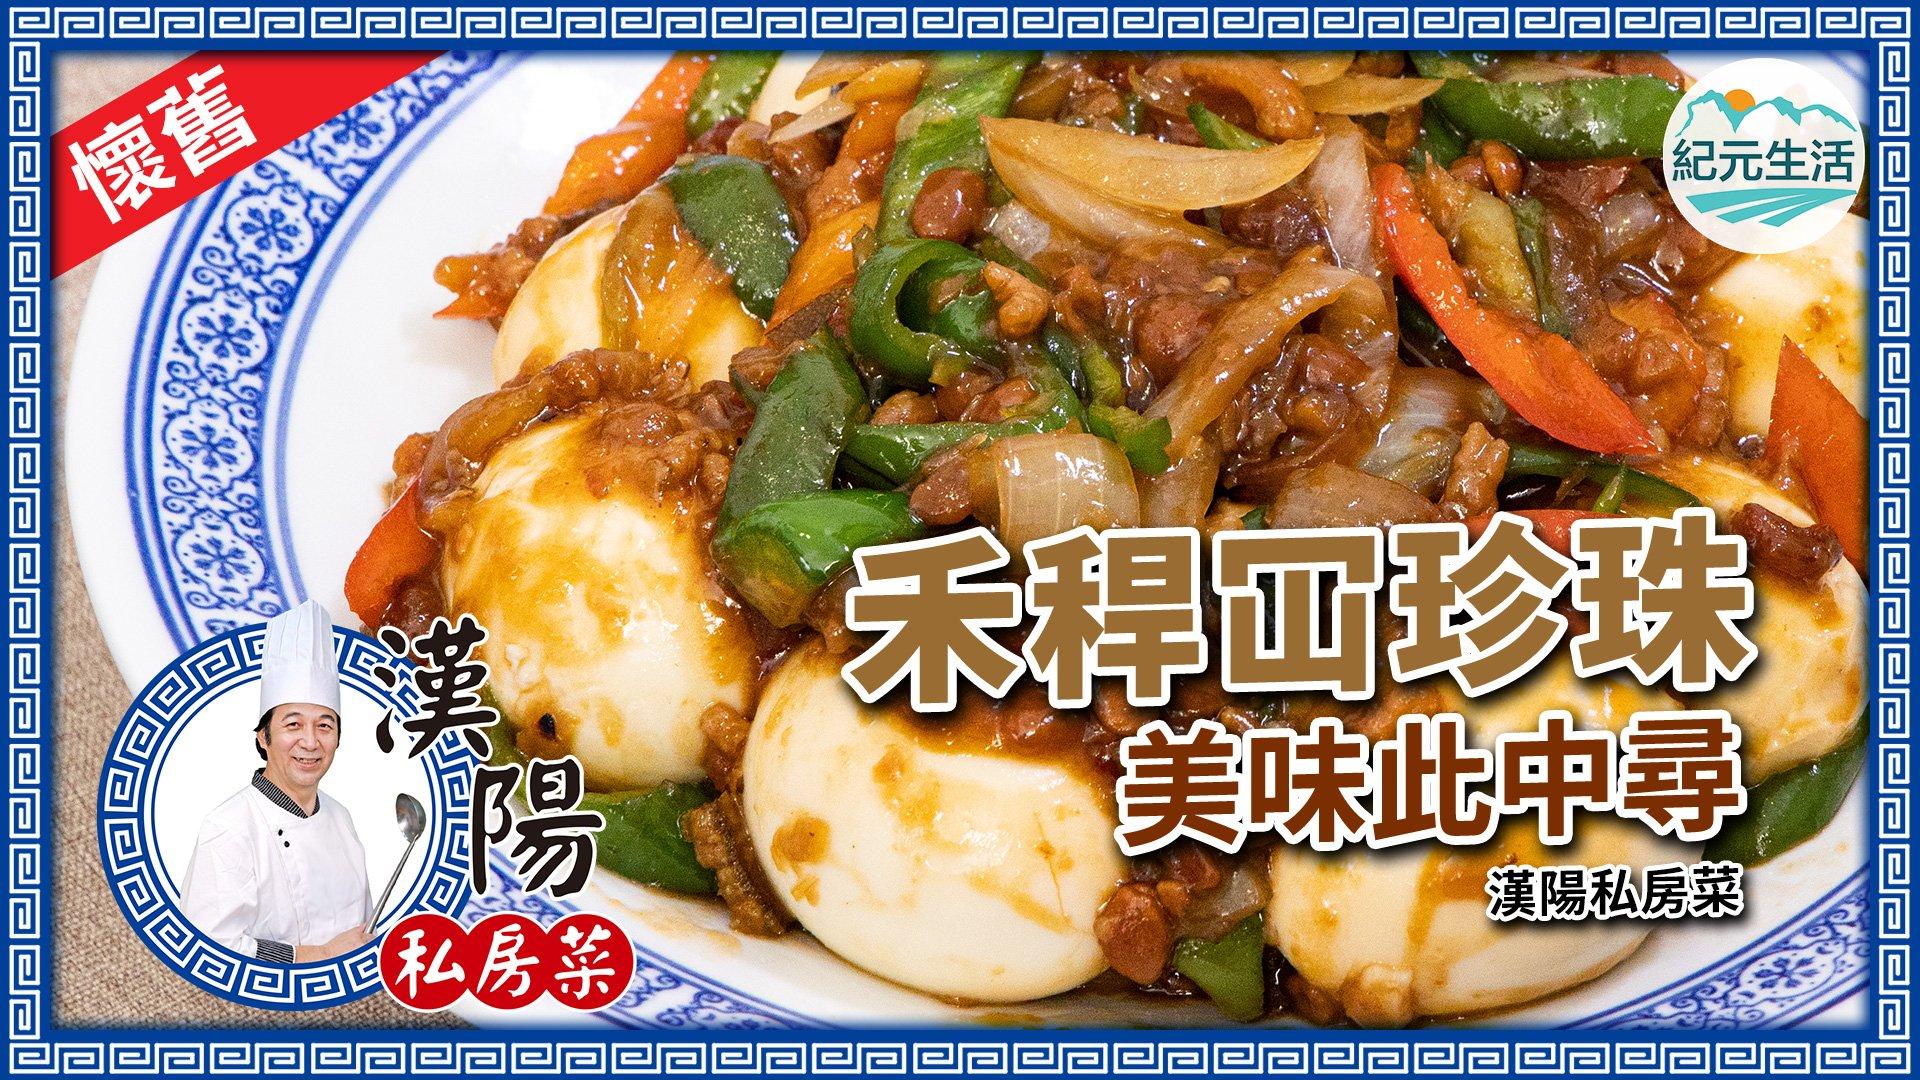 懷舊家常小菜「禾稈冚珍珠」。(設計圖片)